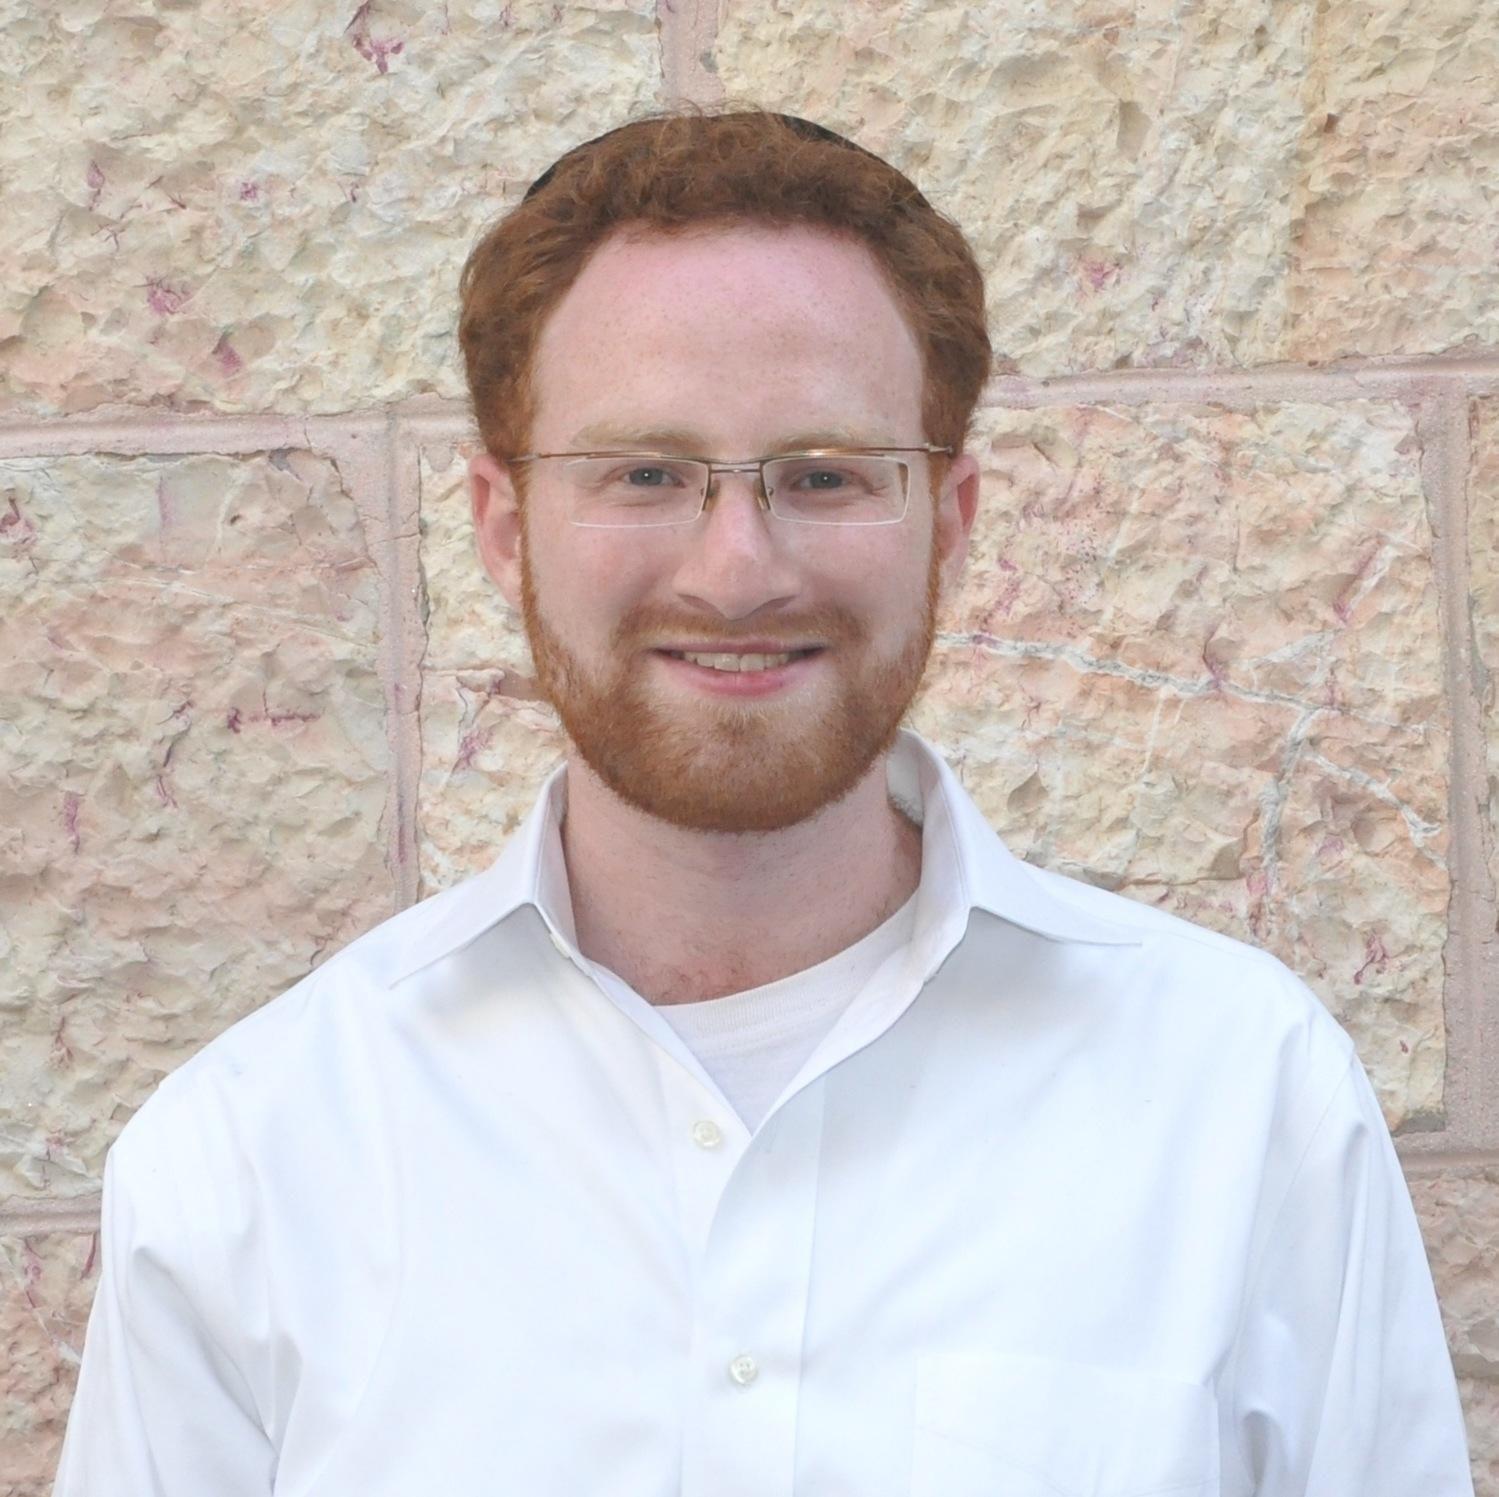 Avraham Orbach